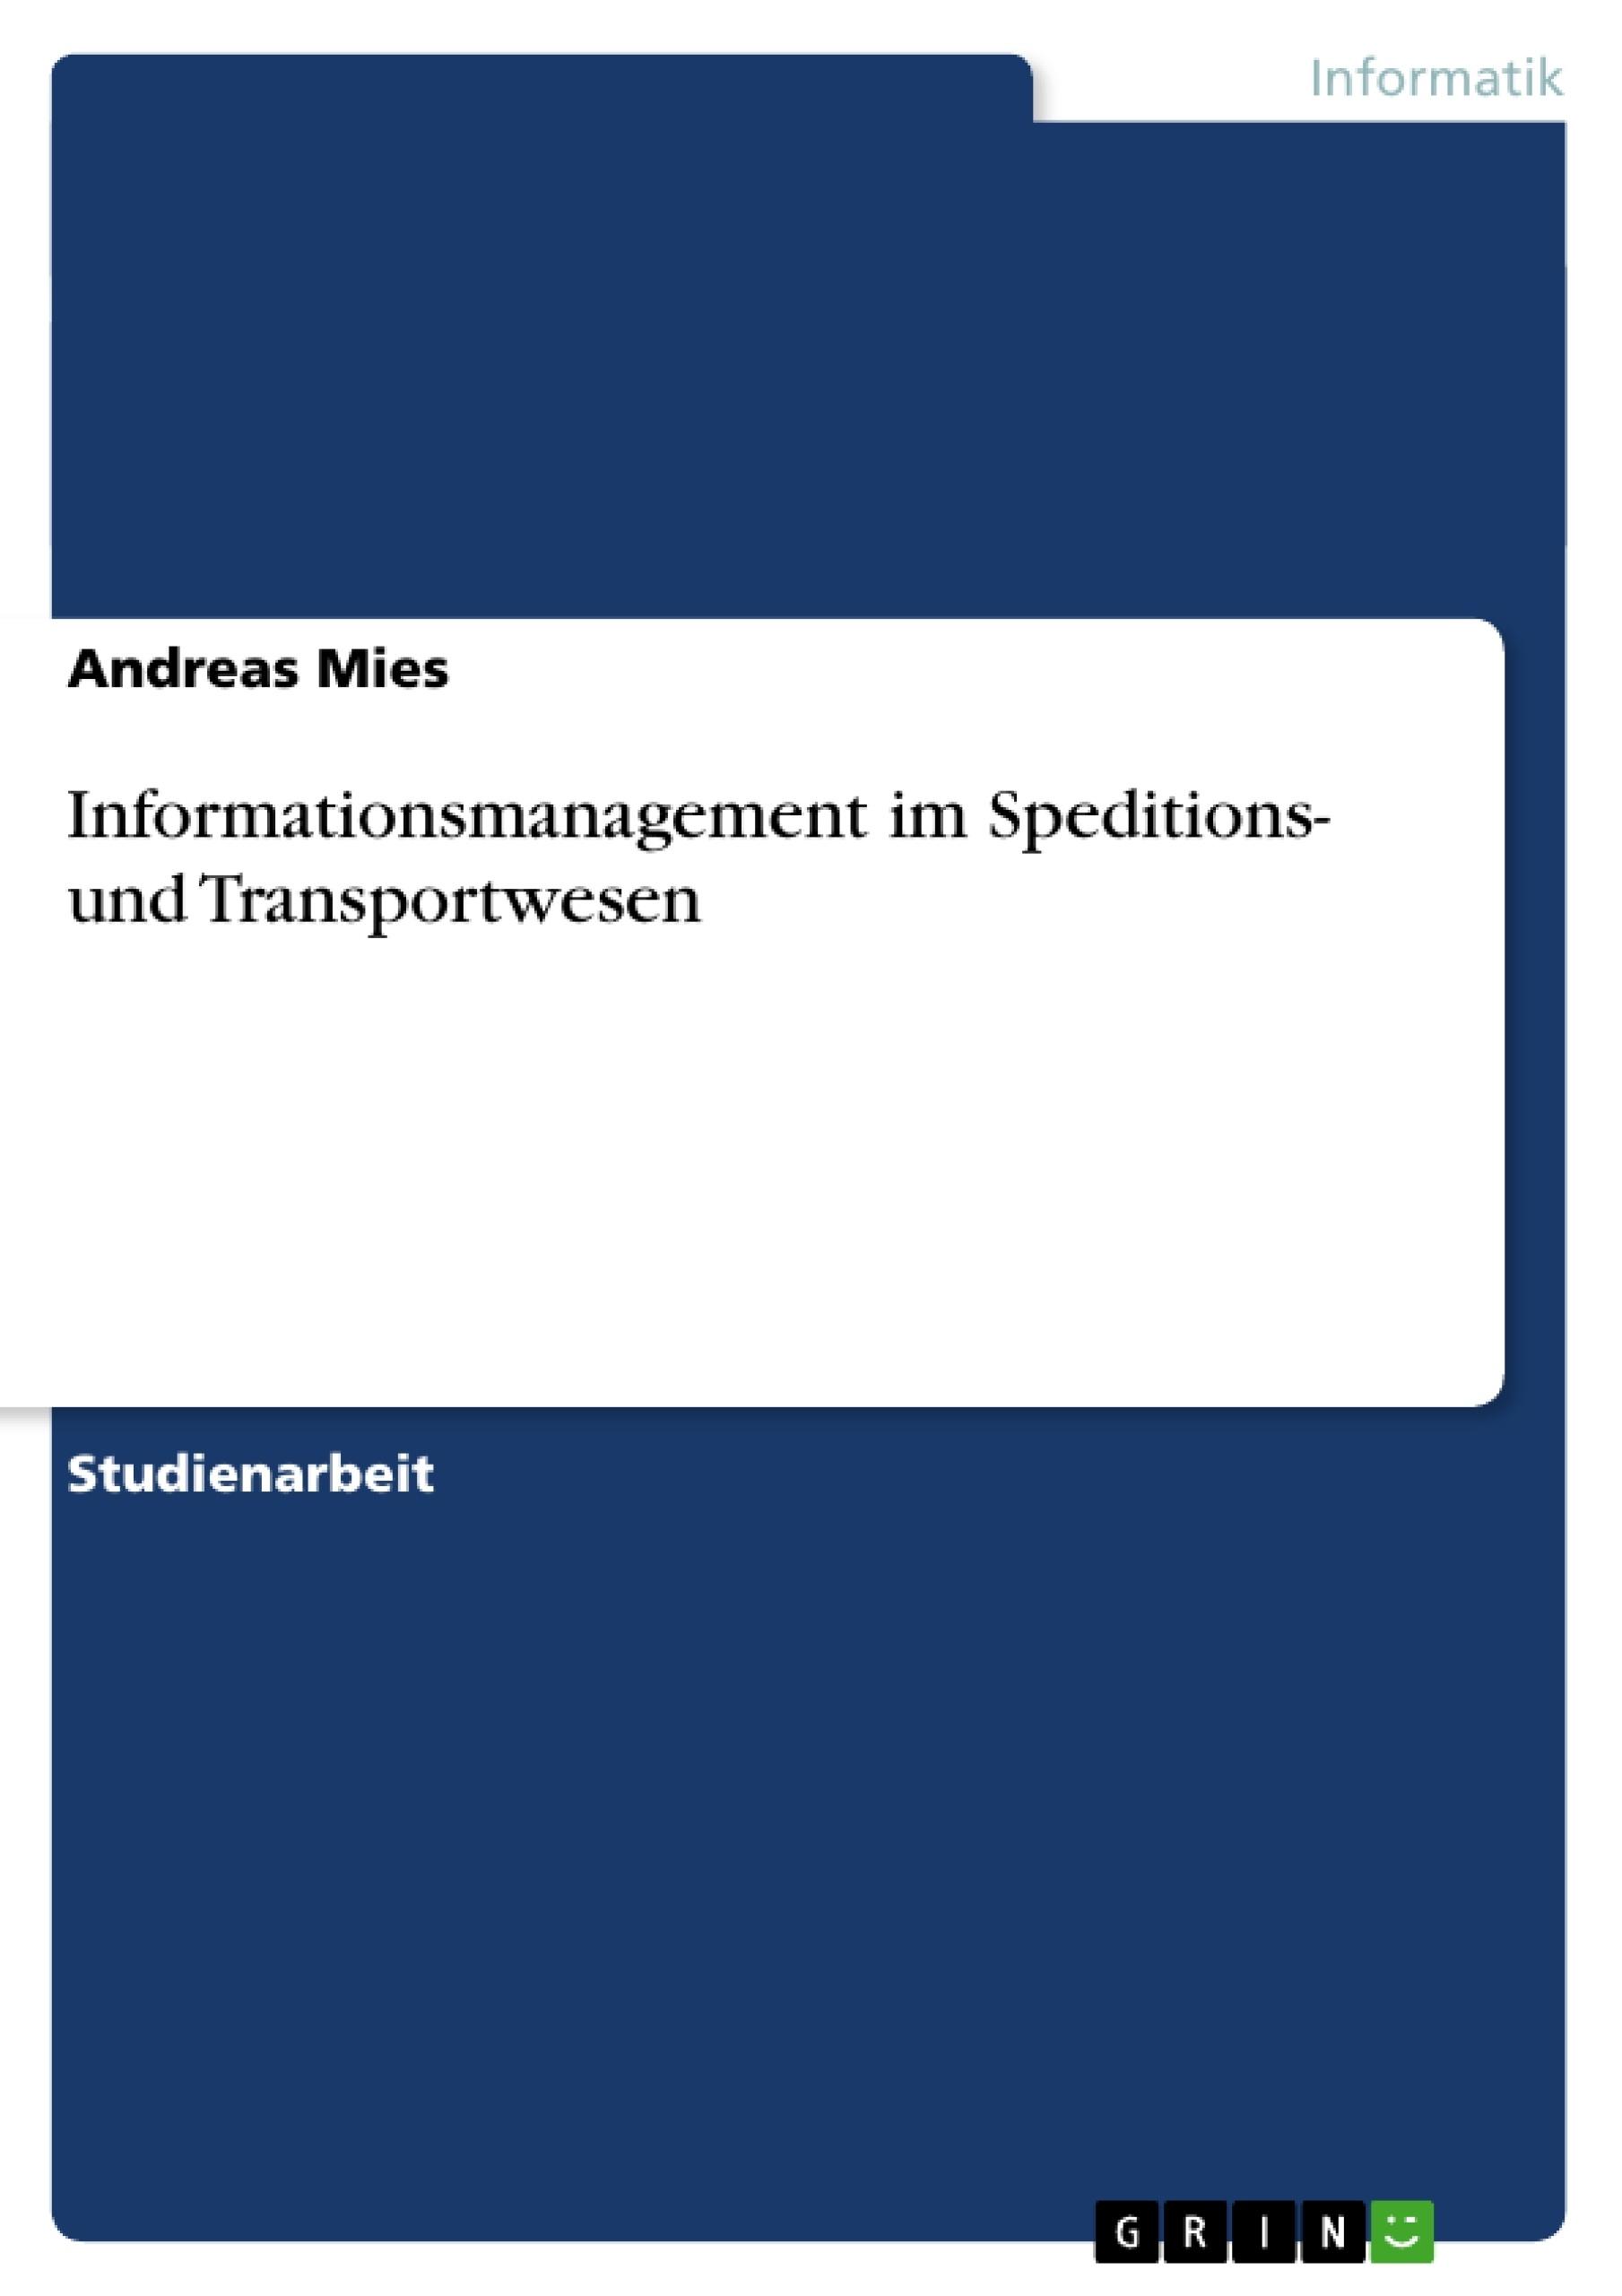 Titel: Informationsmanagement im Speditions- und Transportwesen